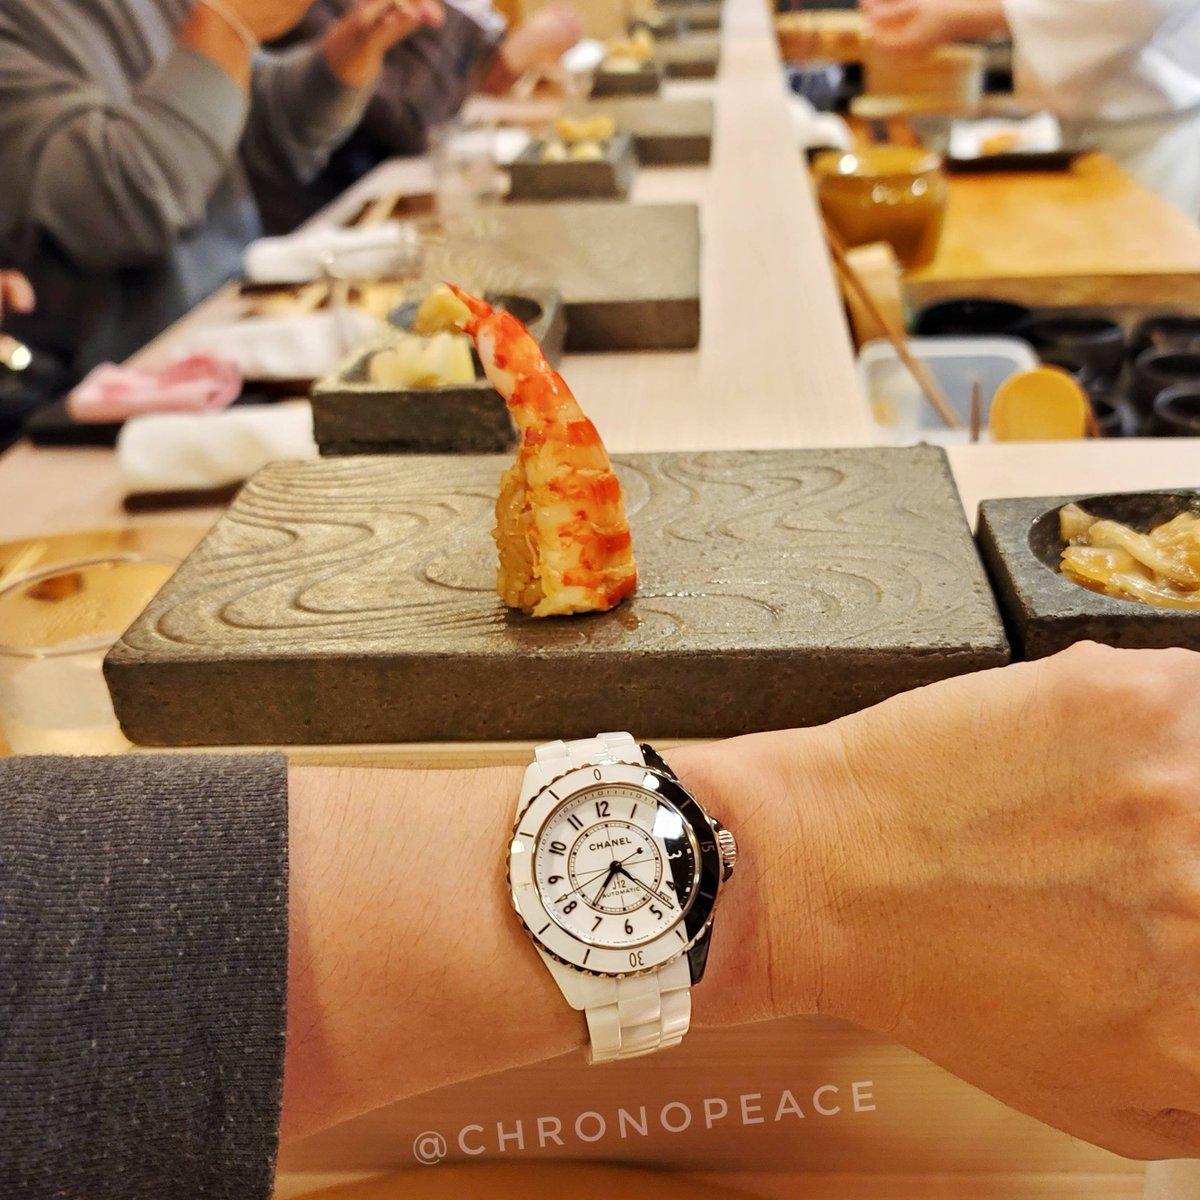 時空がズレて歪んでいる。 The space-time is being distorted and failed.  #鮨の匠 #Chanel #chanelwatches #chanelwatch #chanelj12 #chanelj12paradoxe #j12paradoxe #シャネル #シャネル時計 #シャネル腕時計 #シャネルj12 #シャネルj12パラドックス #腕時計魂 #j12パラドックス https://t.co/tsT4LkT88G